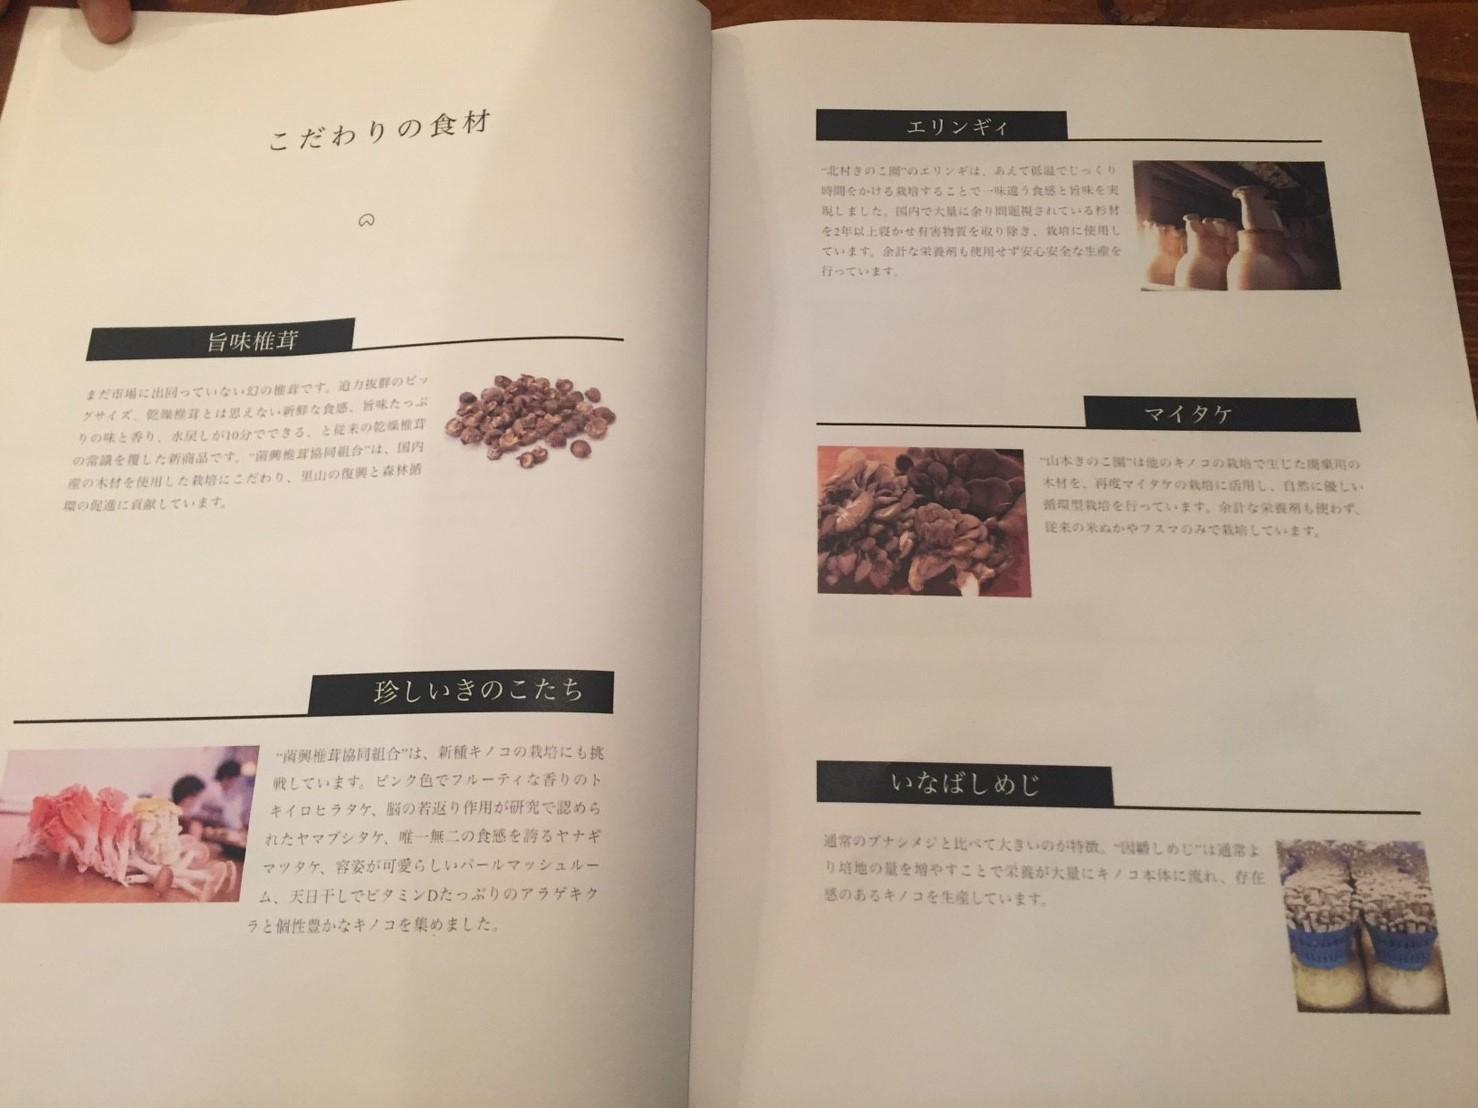 Tottoriカルマ   まっしゅROOM_e0115904_17472004.jpg